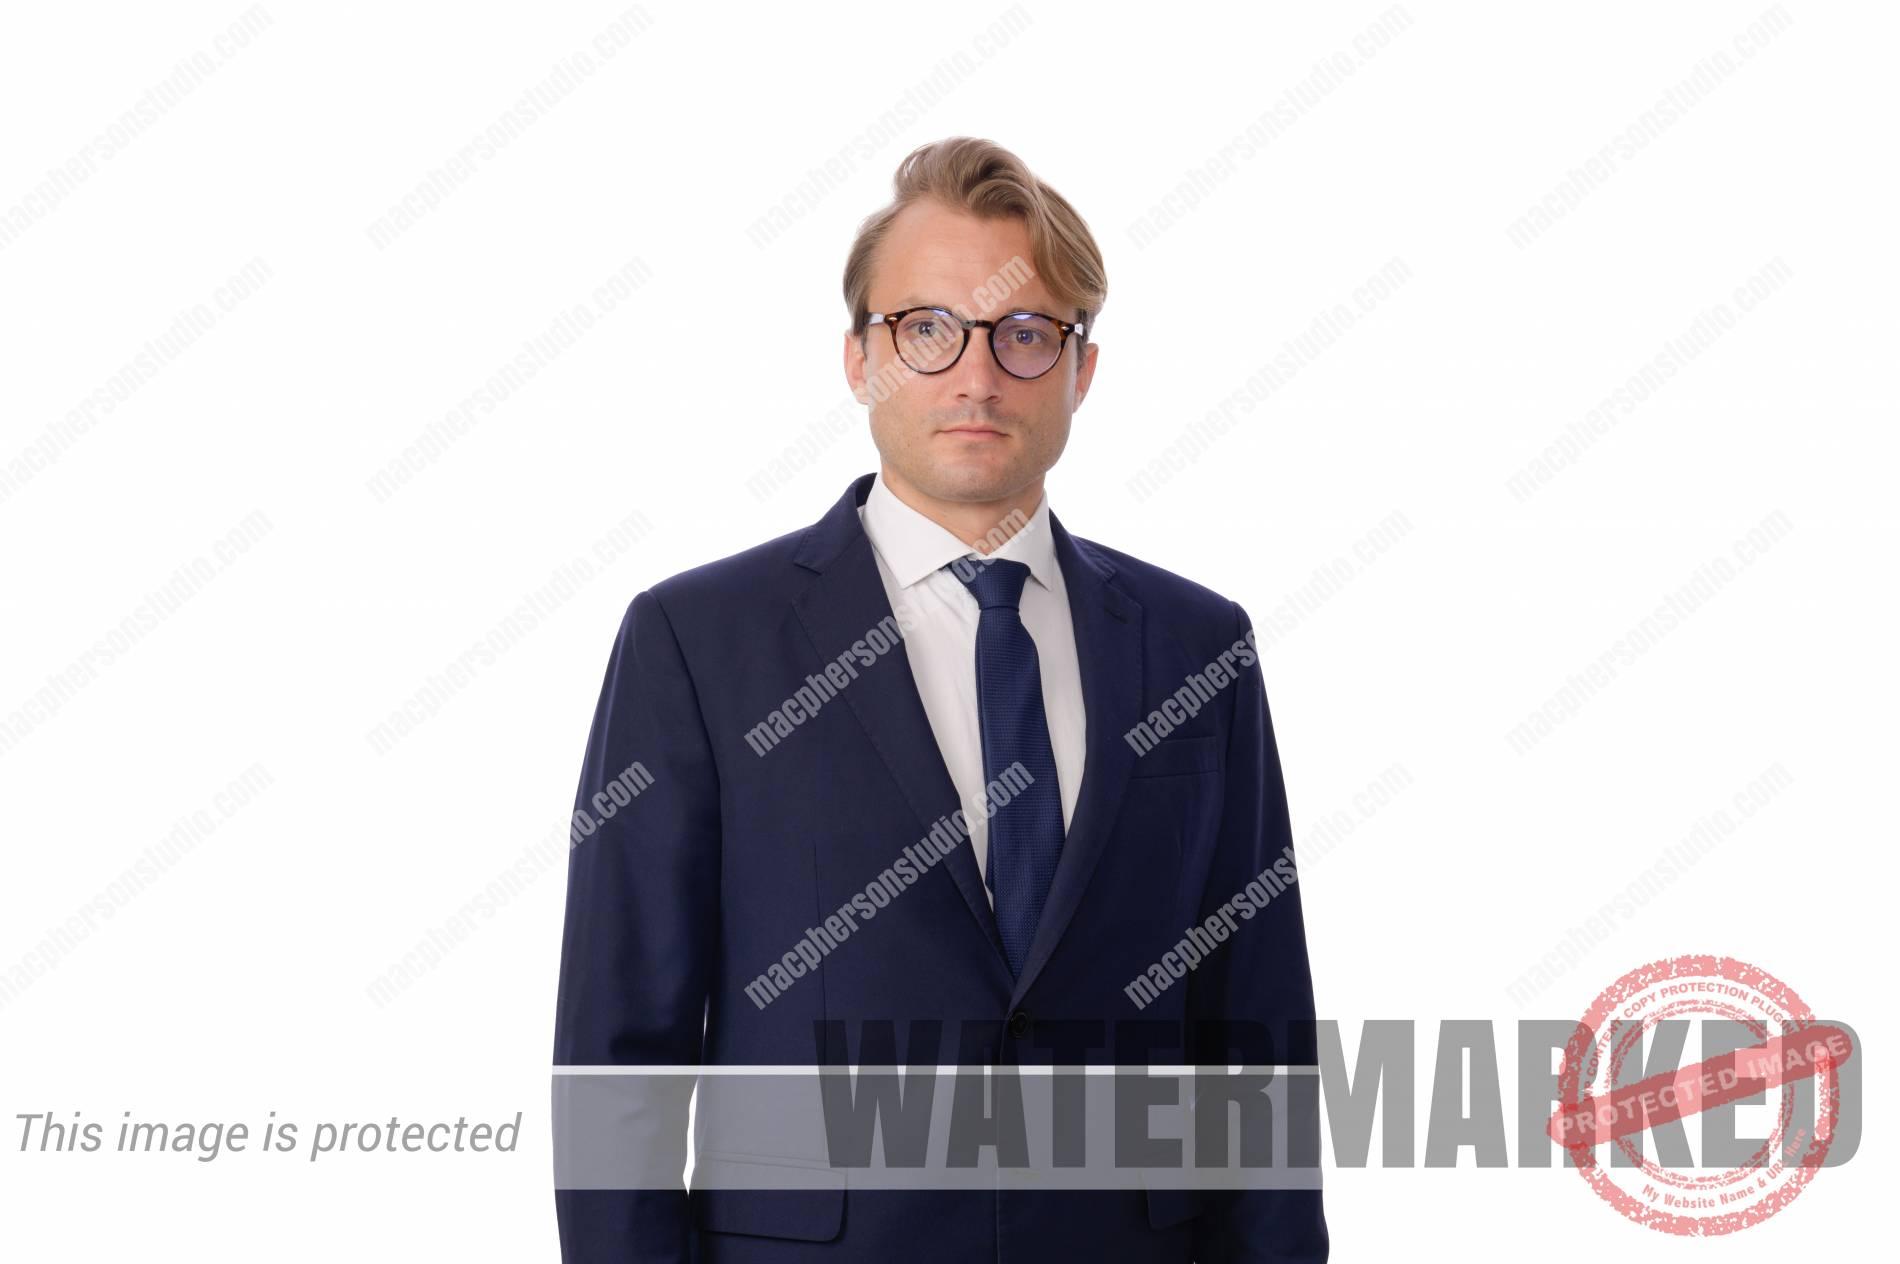 Executive Business Portrait Photography